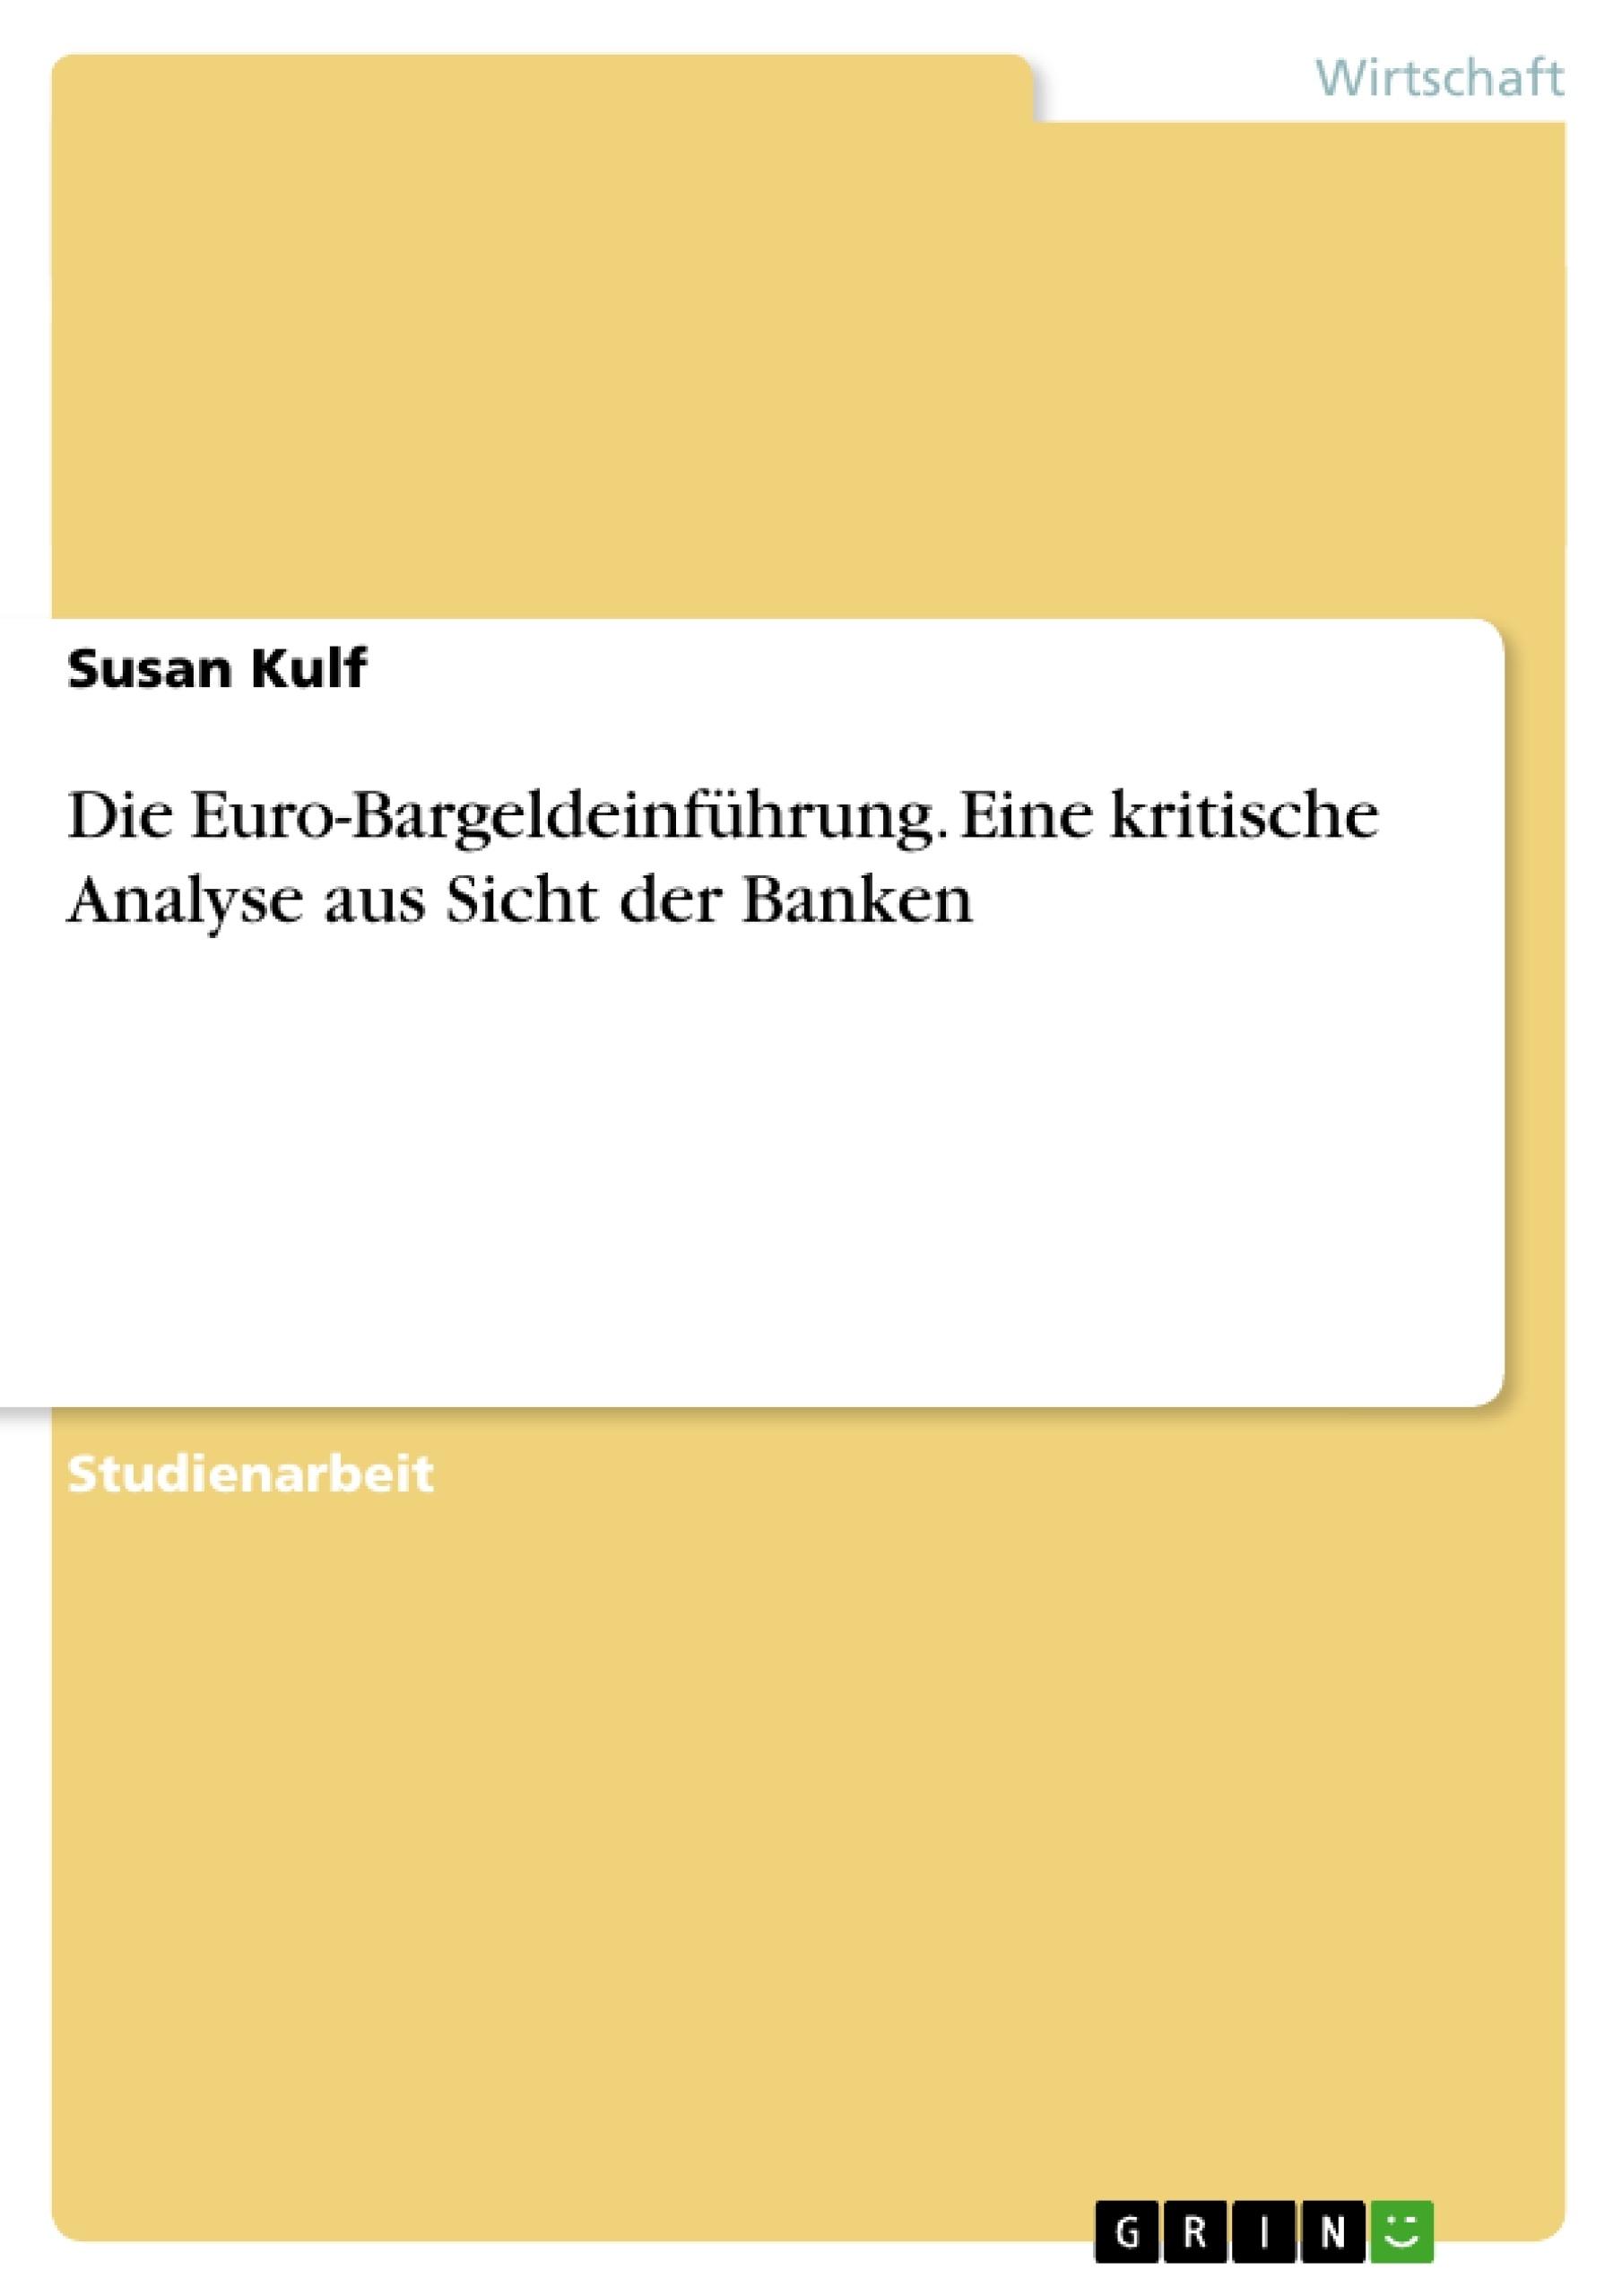 Titel: Die Euro-Bargeldeinführung. Eine kritische Analyse aus Sicht der Banken